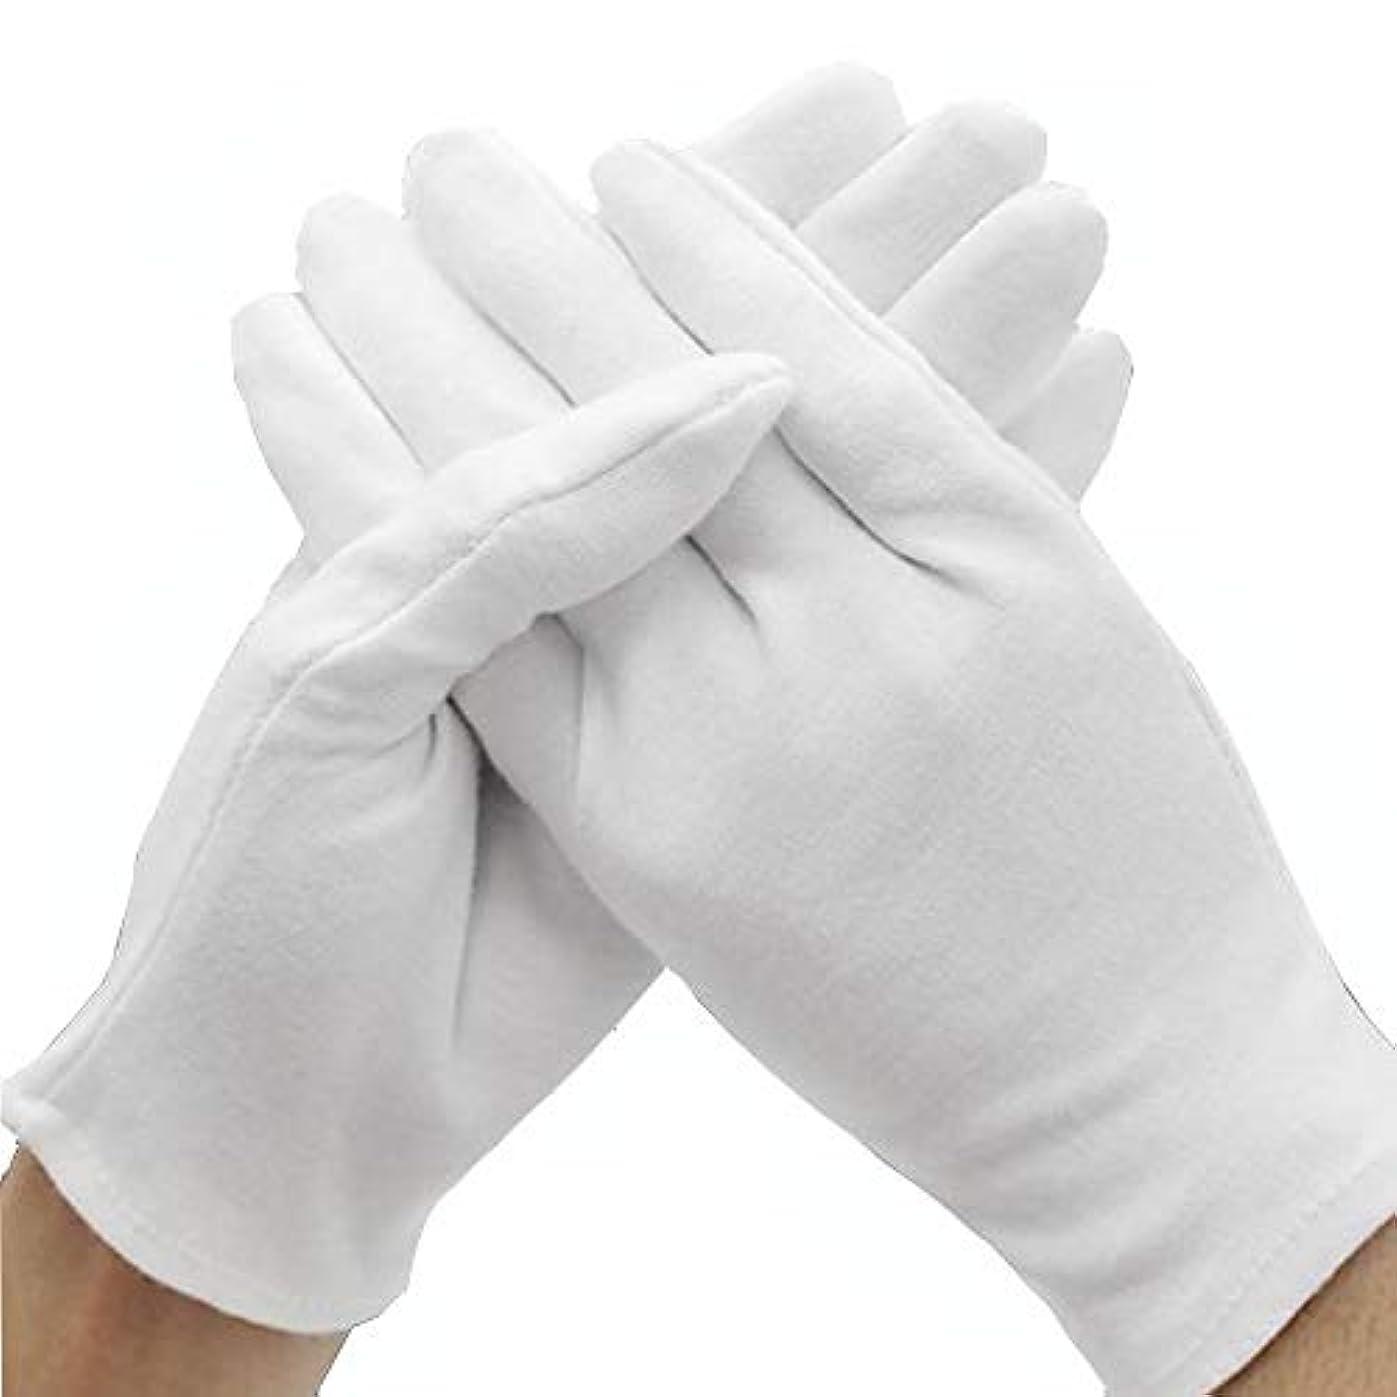 回転争いスプリットLezej インナーコットン手袋 白い手袋 綿手袋 衛生手袋 コットン手袋 ガーデニング用手袋 作業手袋 健康的な手袋 環境保護用手袋(12組) (XL)